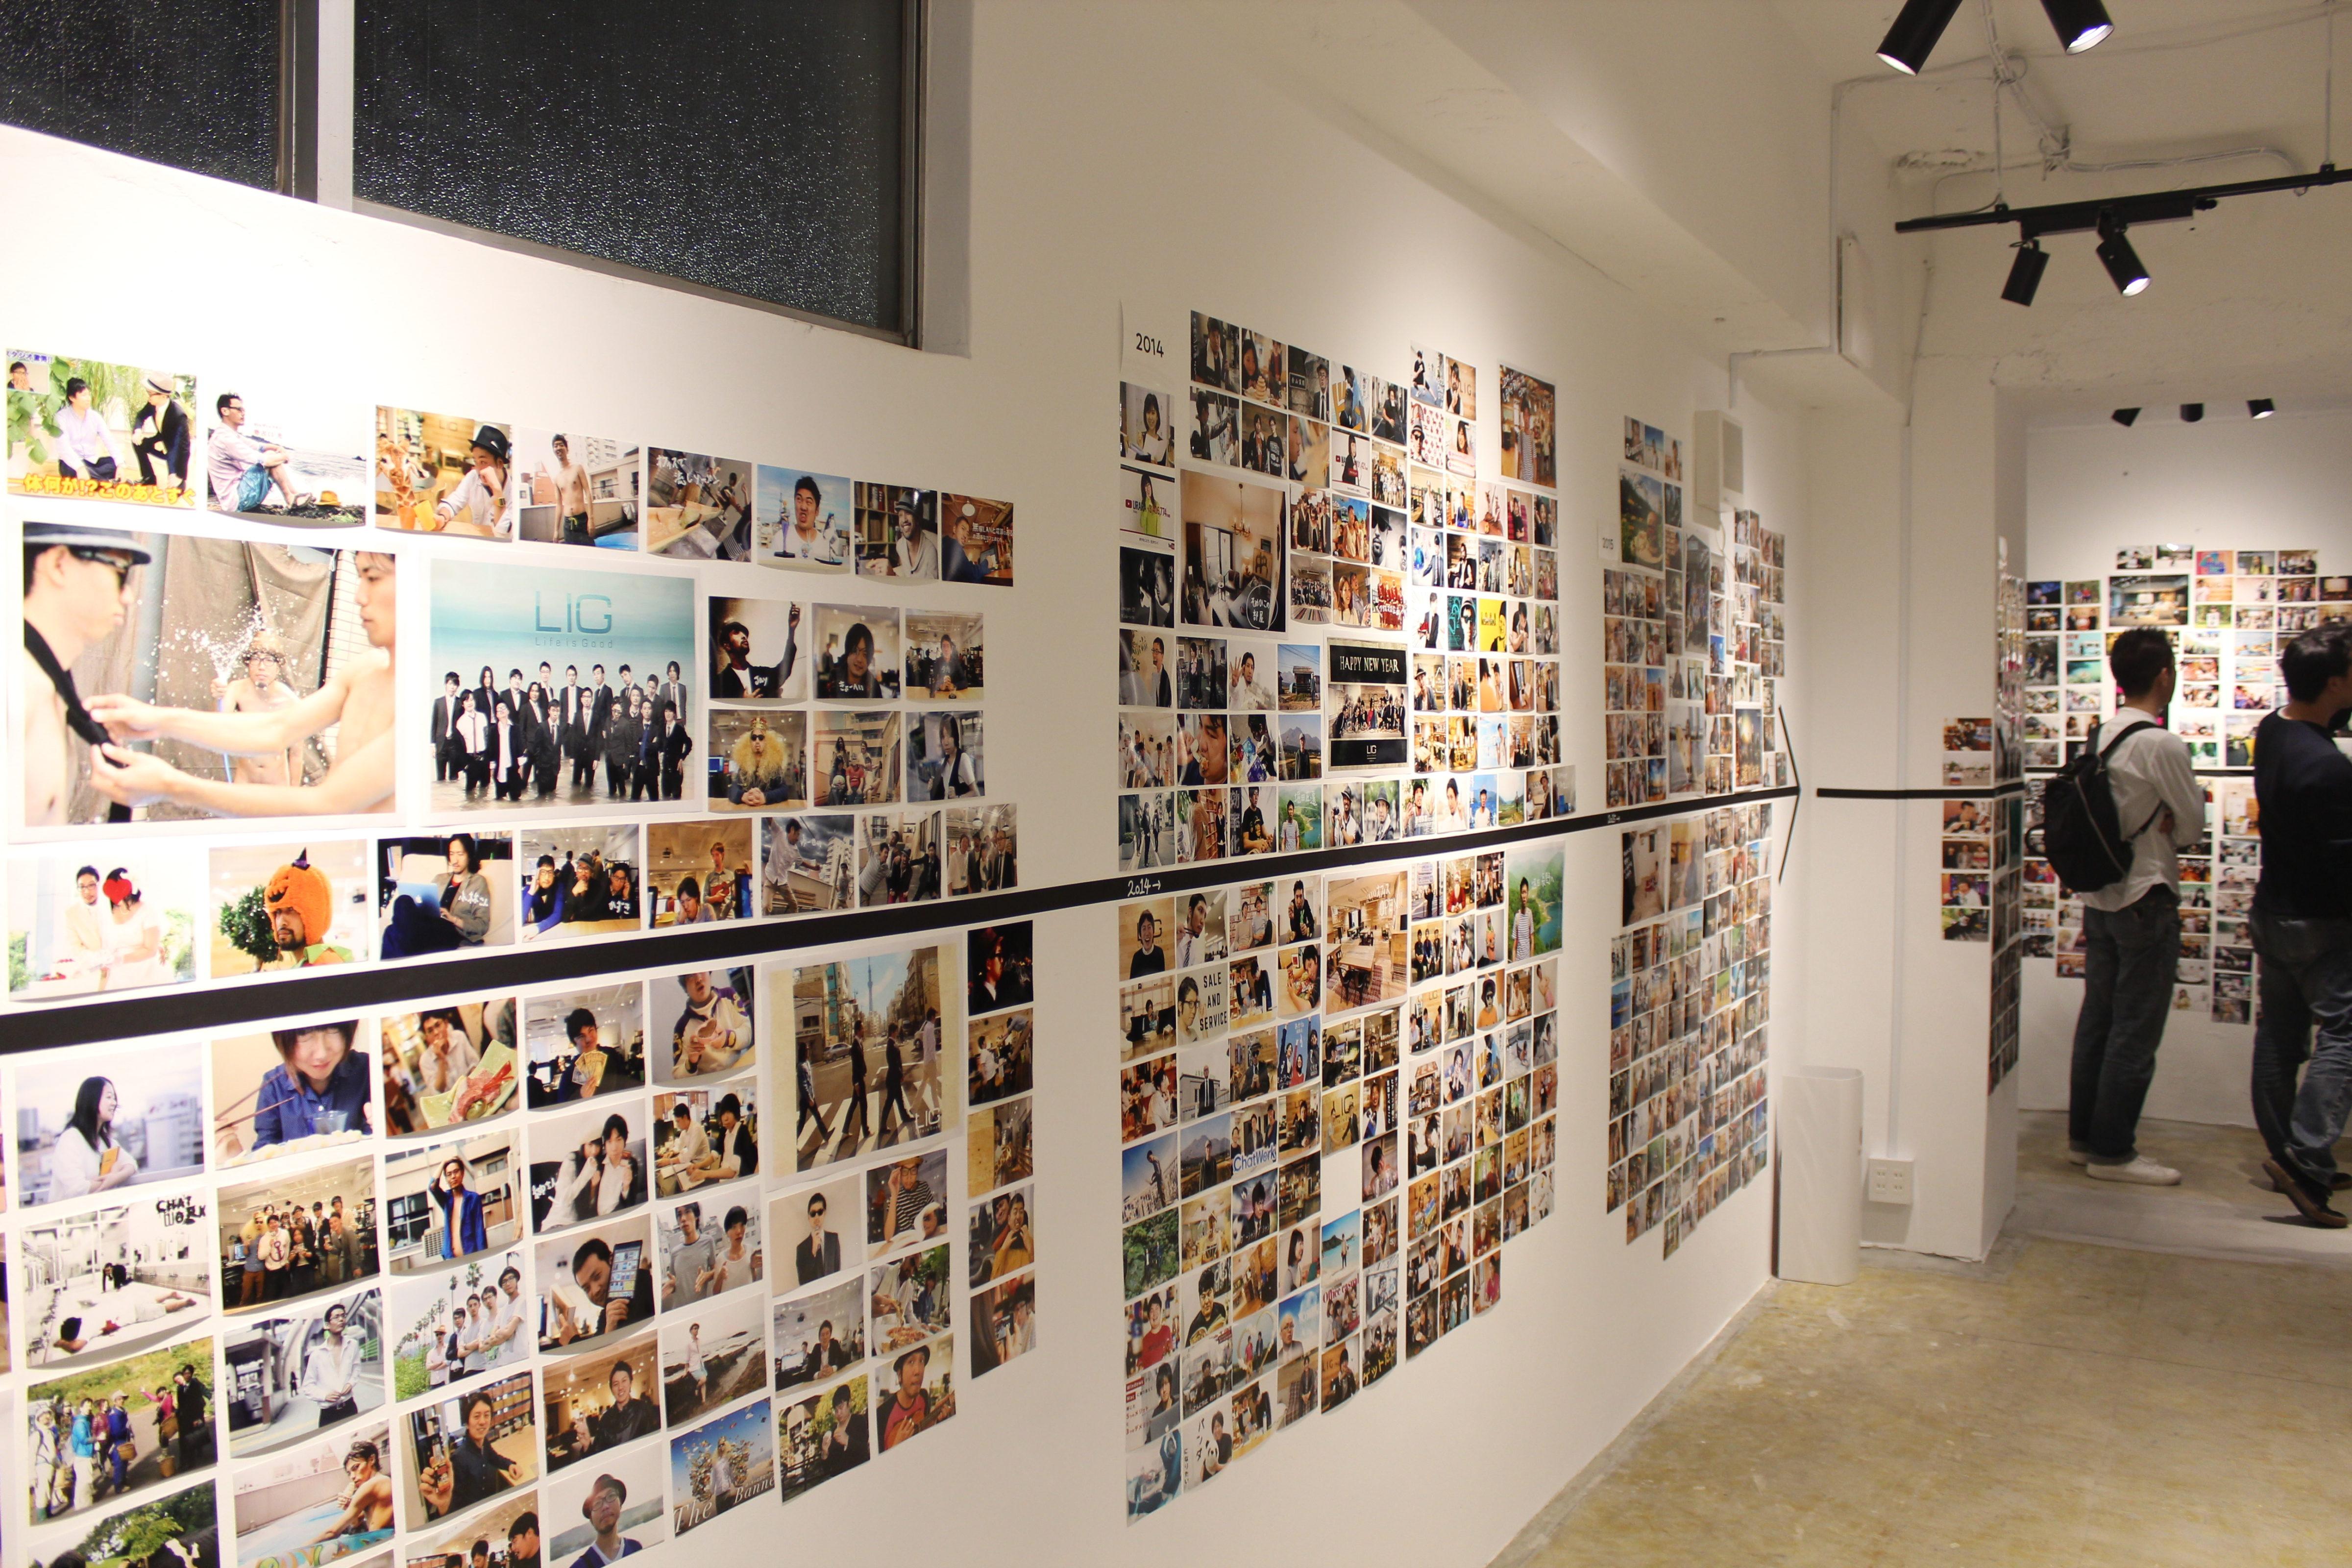 LIGビルの2階に、いままでのLIGブログの歴史をまとめた写真